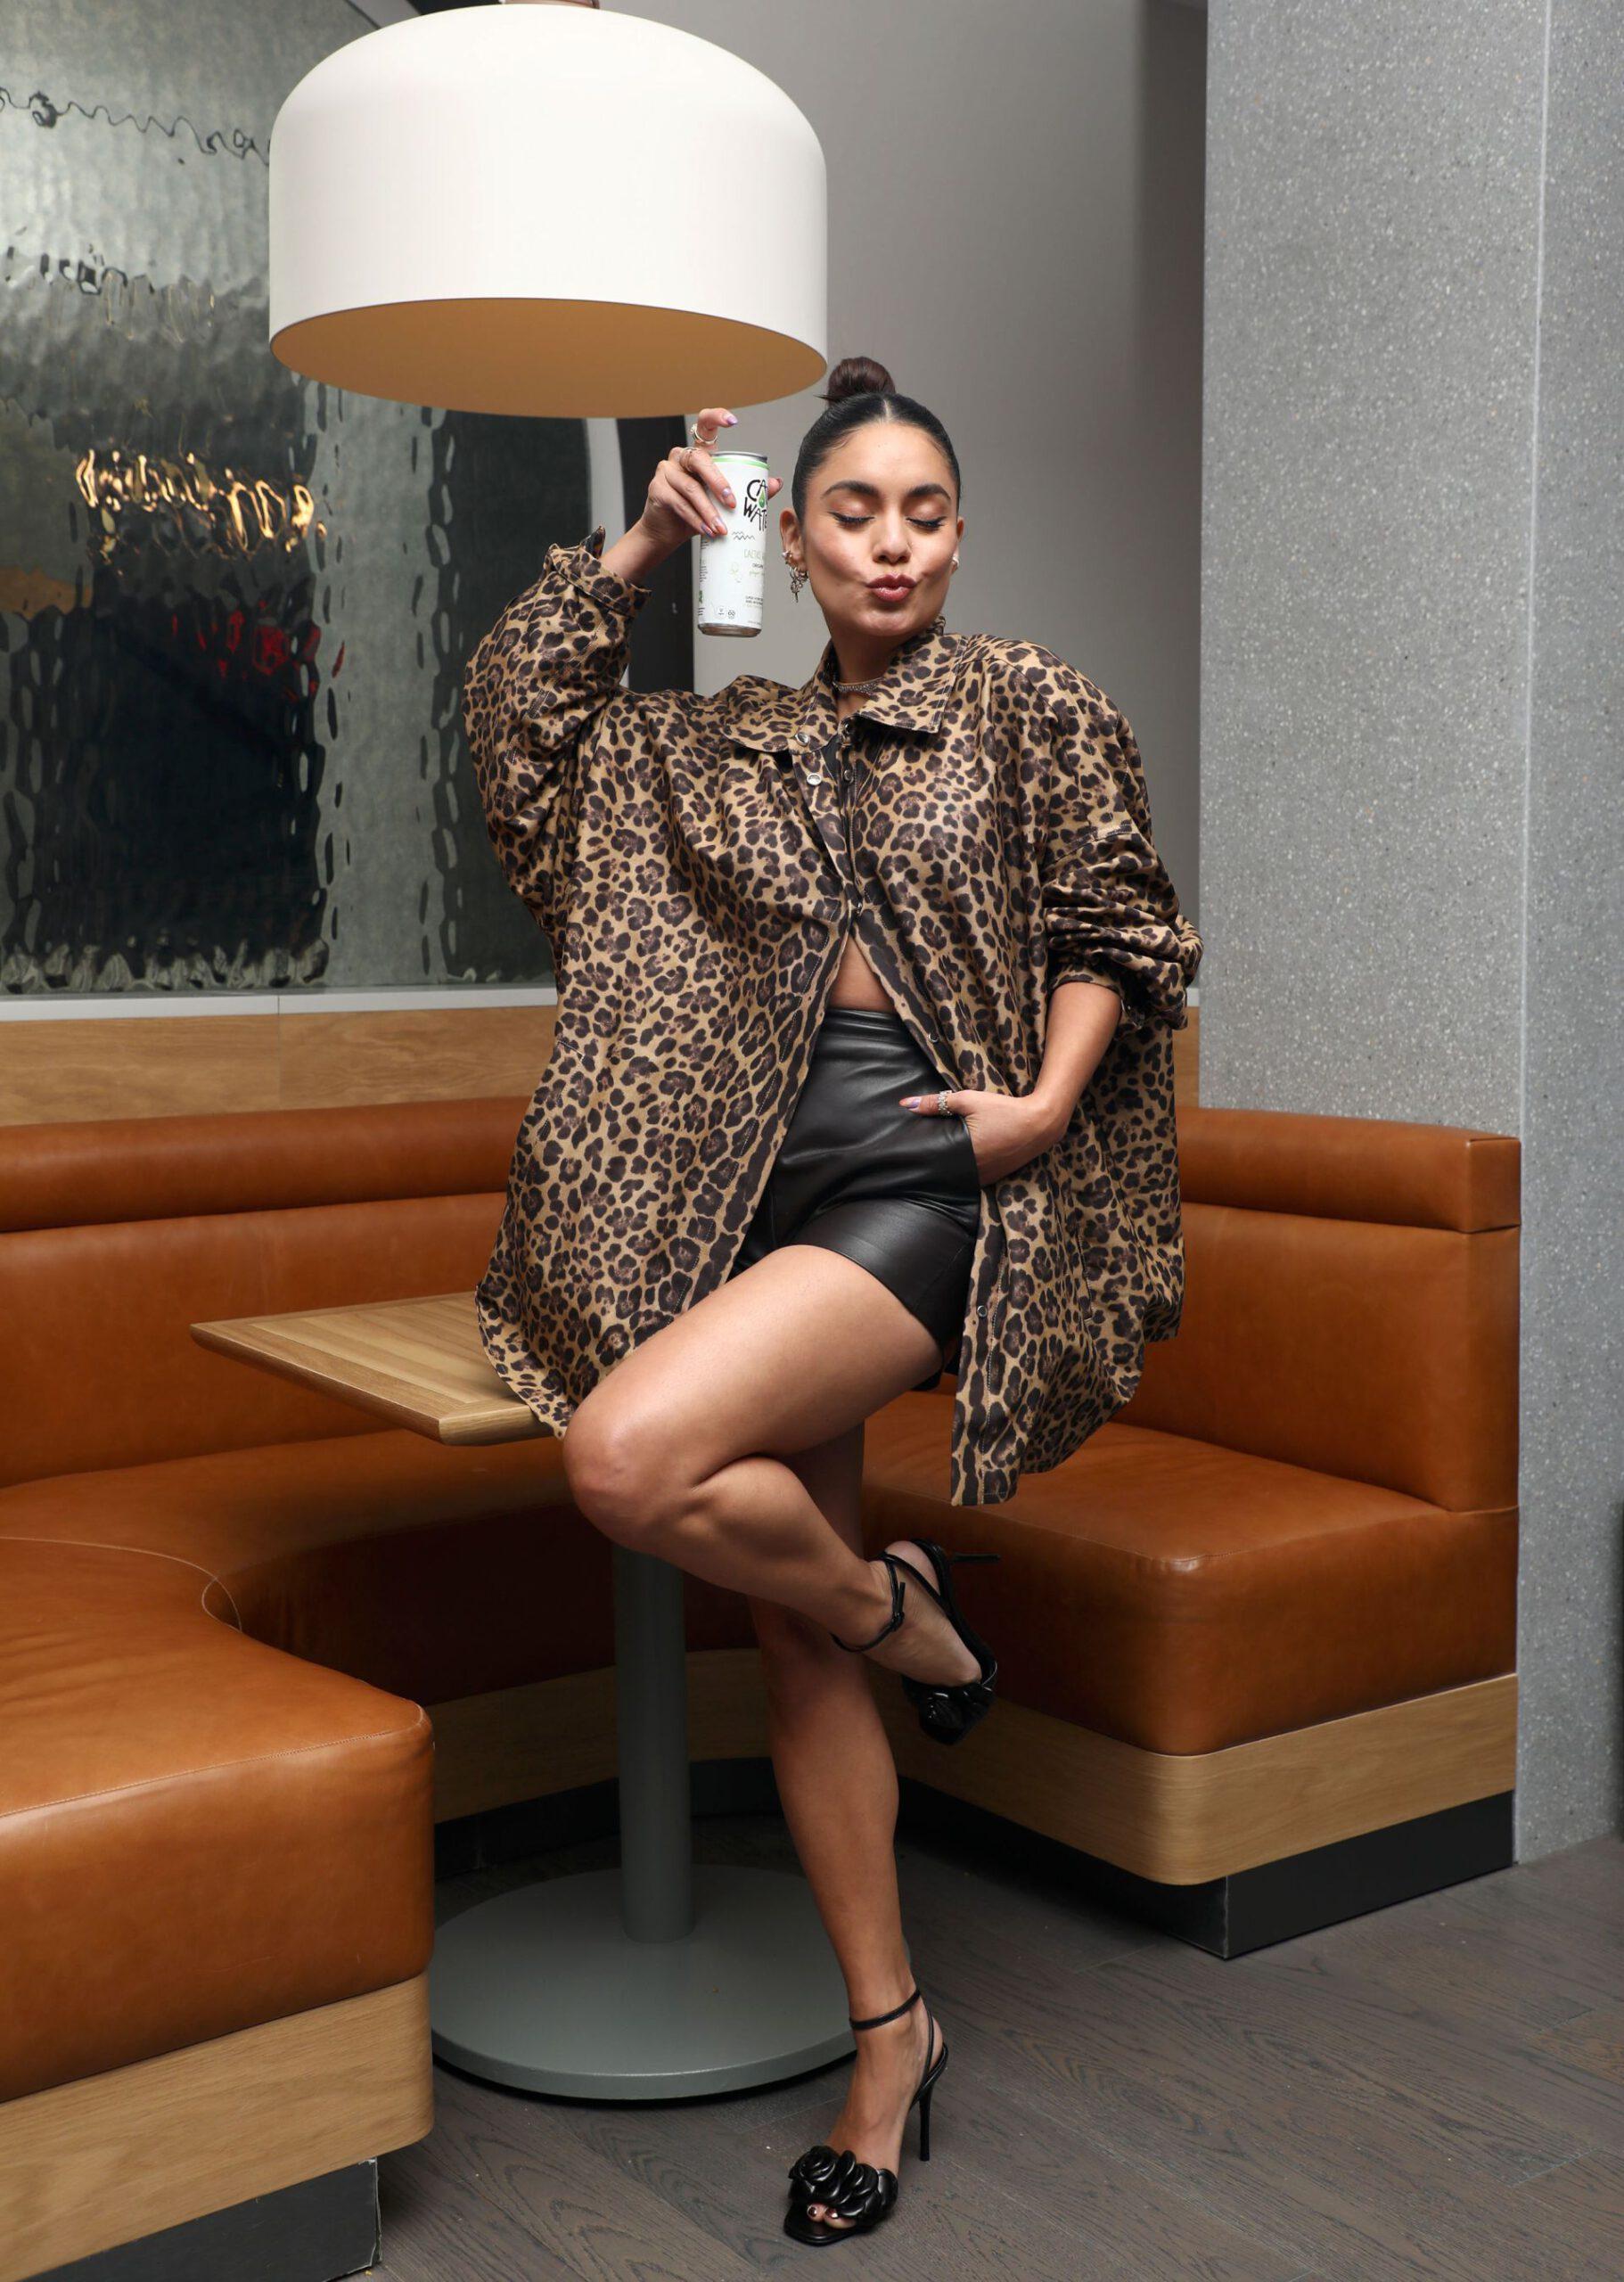 Vanessa Hudgens Beatiful In Shorts